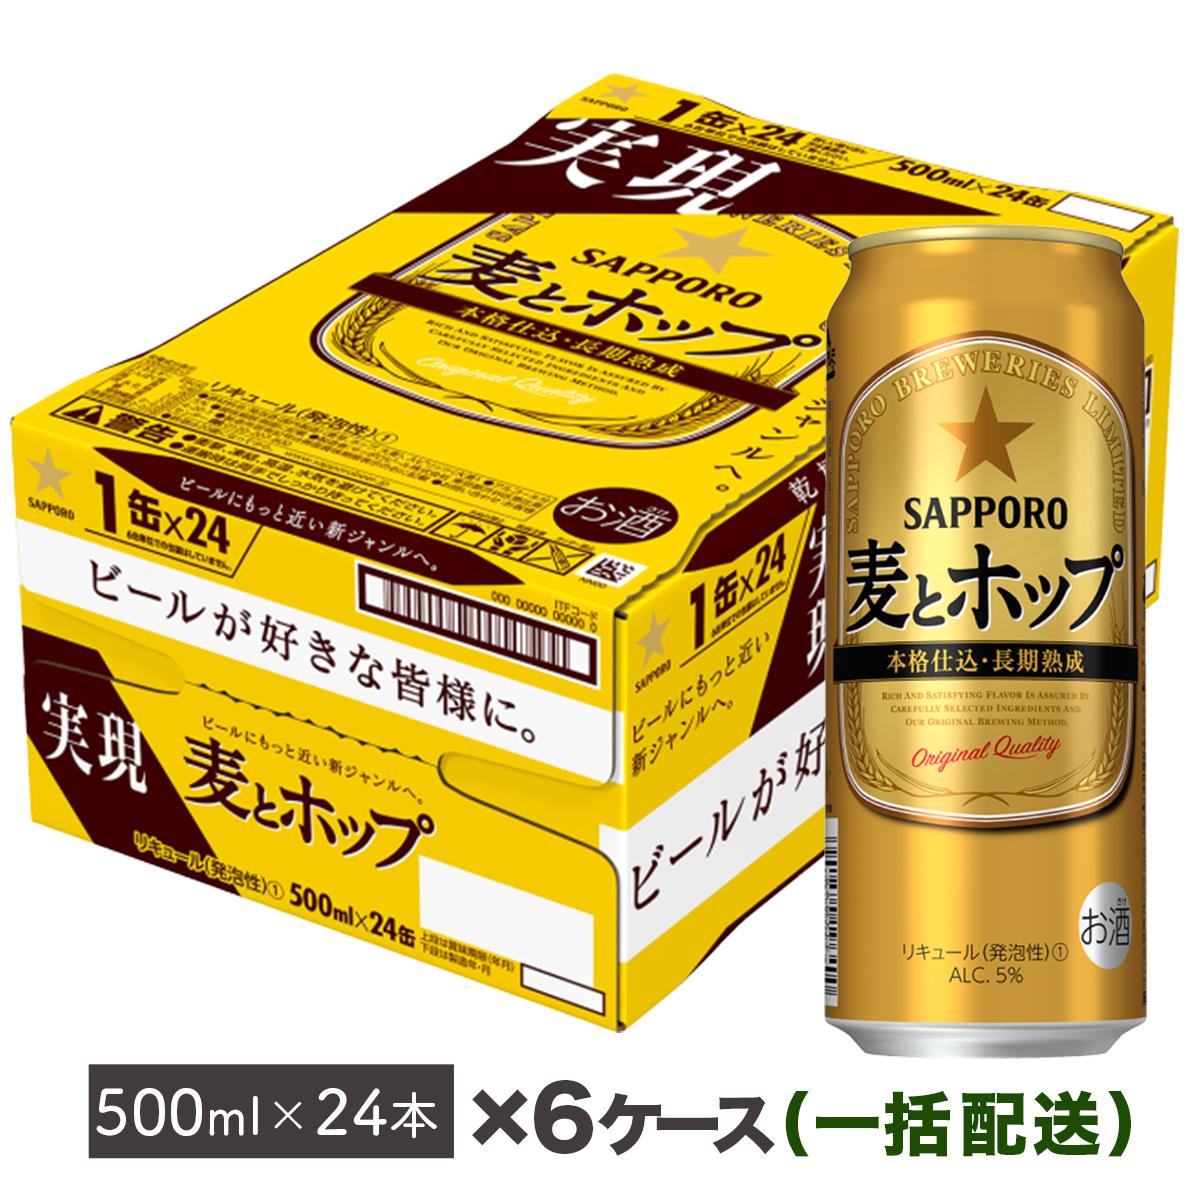 【ふるさと納税】地元名取生産 麦とホップ 500ml 24本 6箱お届け(同時お届け)